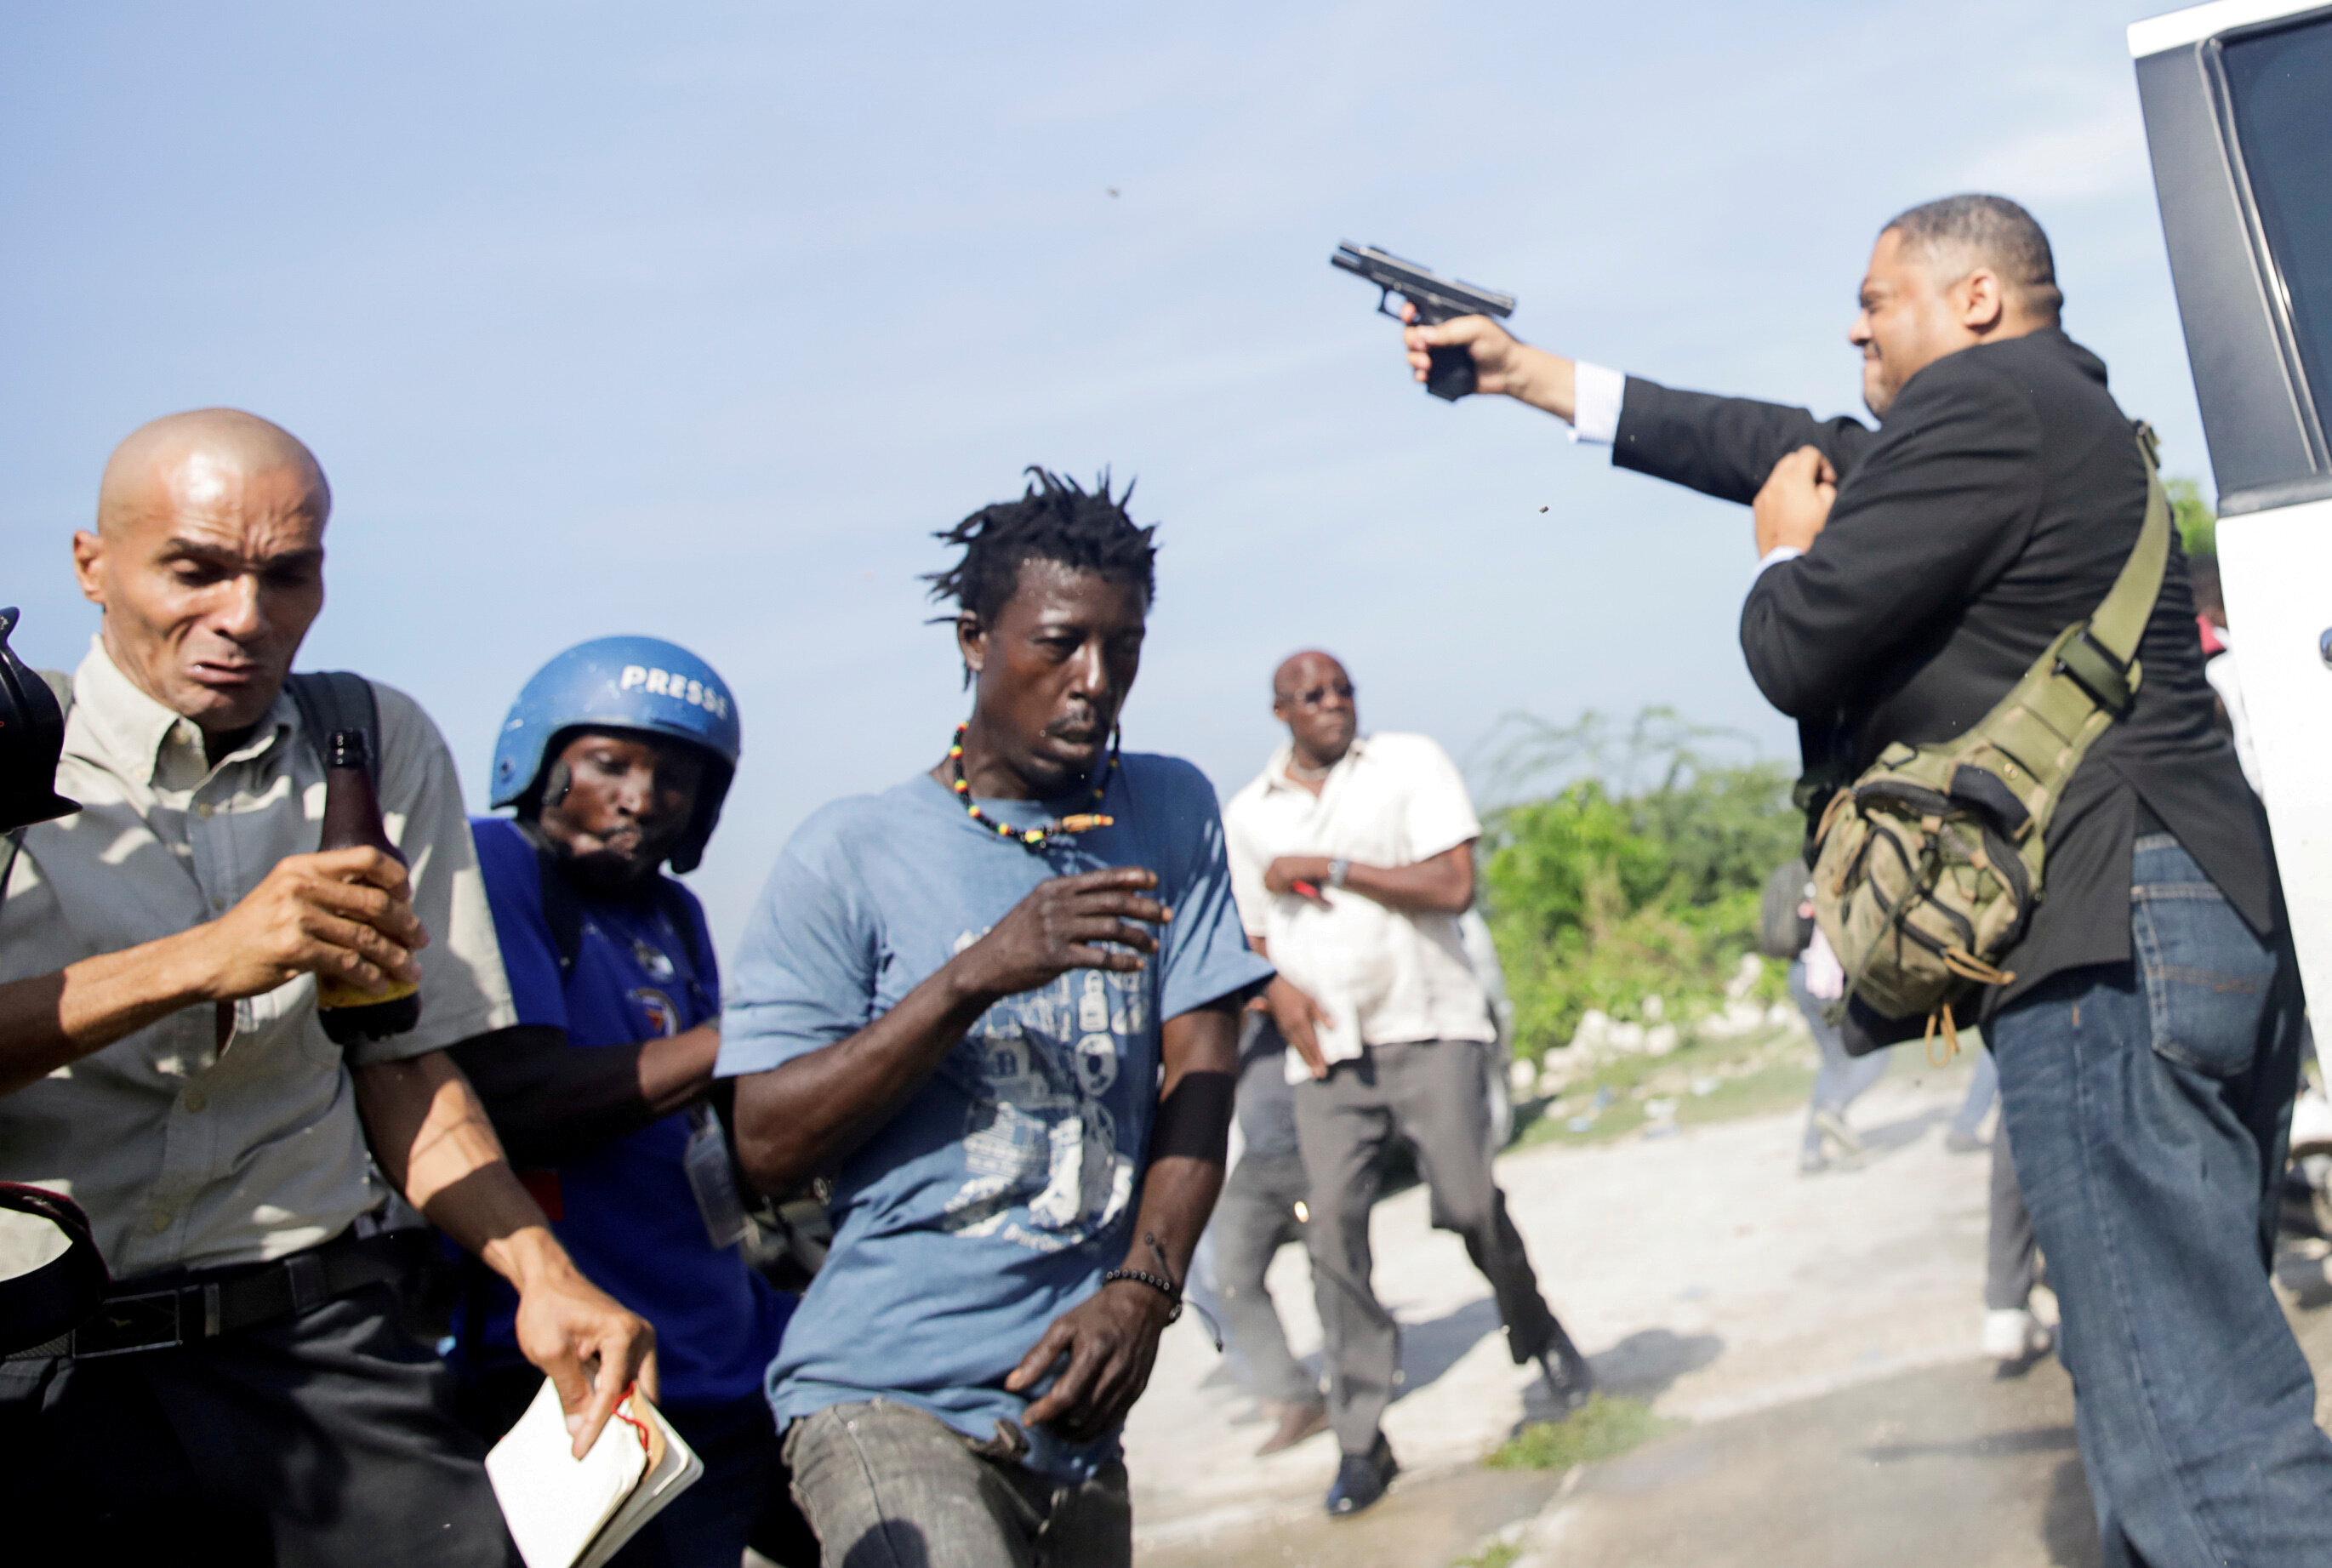 People run as Haiti's Senator Jean Marie Ralph Fethiere (PHTK) fires a gun in the air, injuring Chery Dieu-Nalio, a photograp